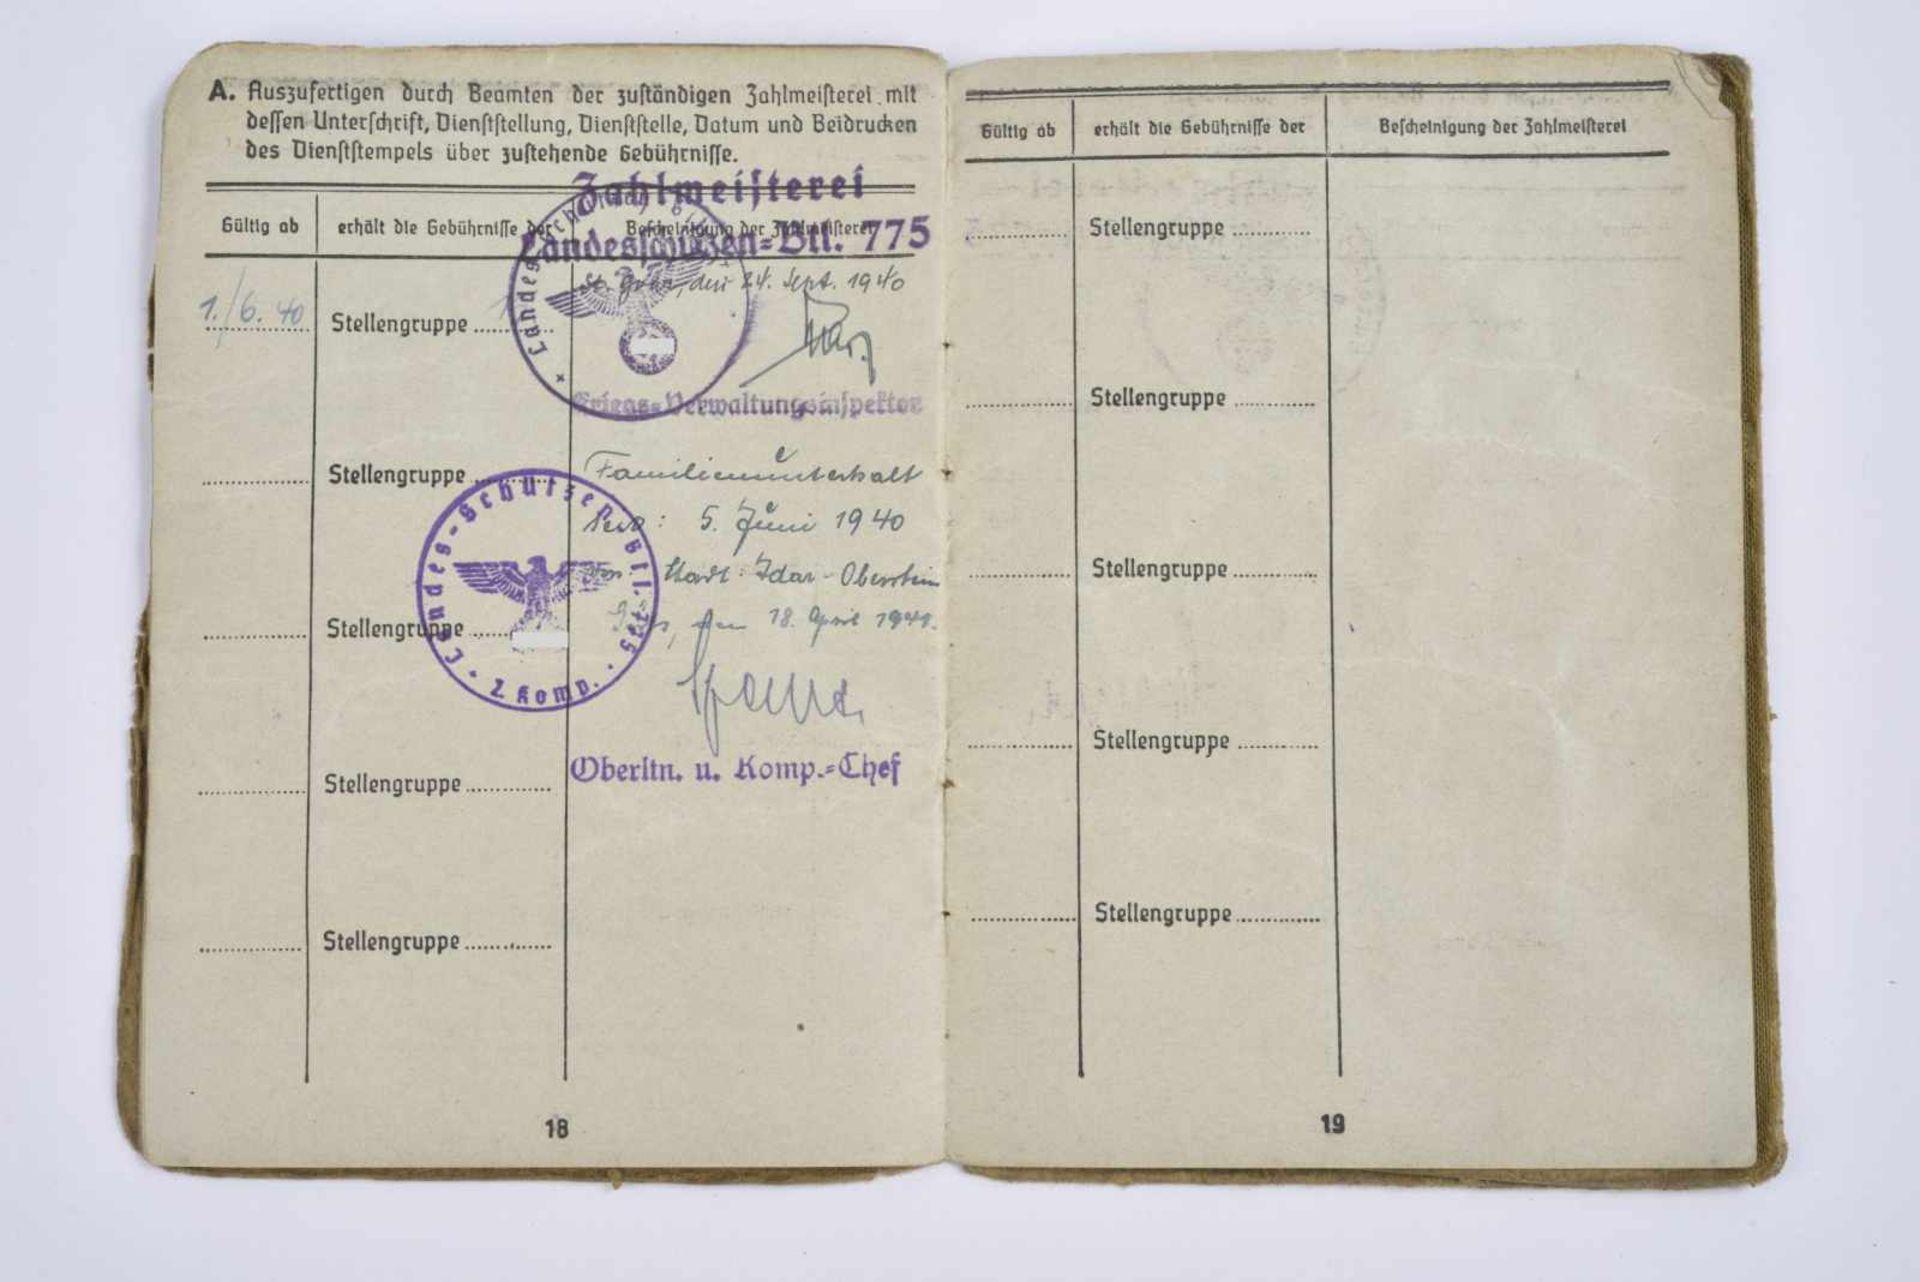 Soldbuch du Gefreiter Rüppenthal. Livret ouvert le 28 juin 1940, incorporé au «Landes Schützen - Bild 3 aus 4